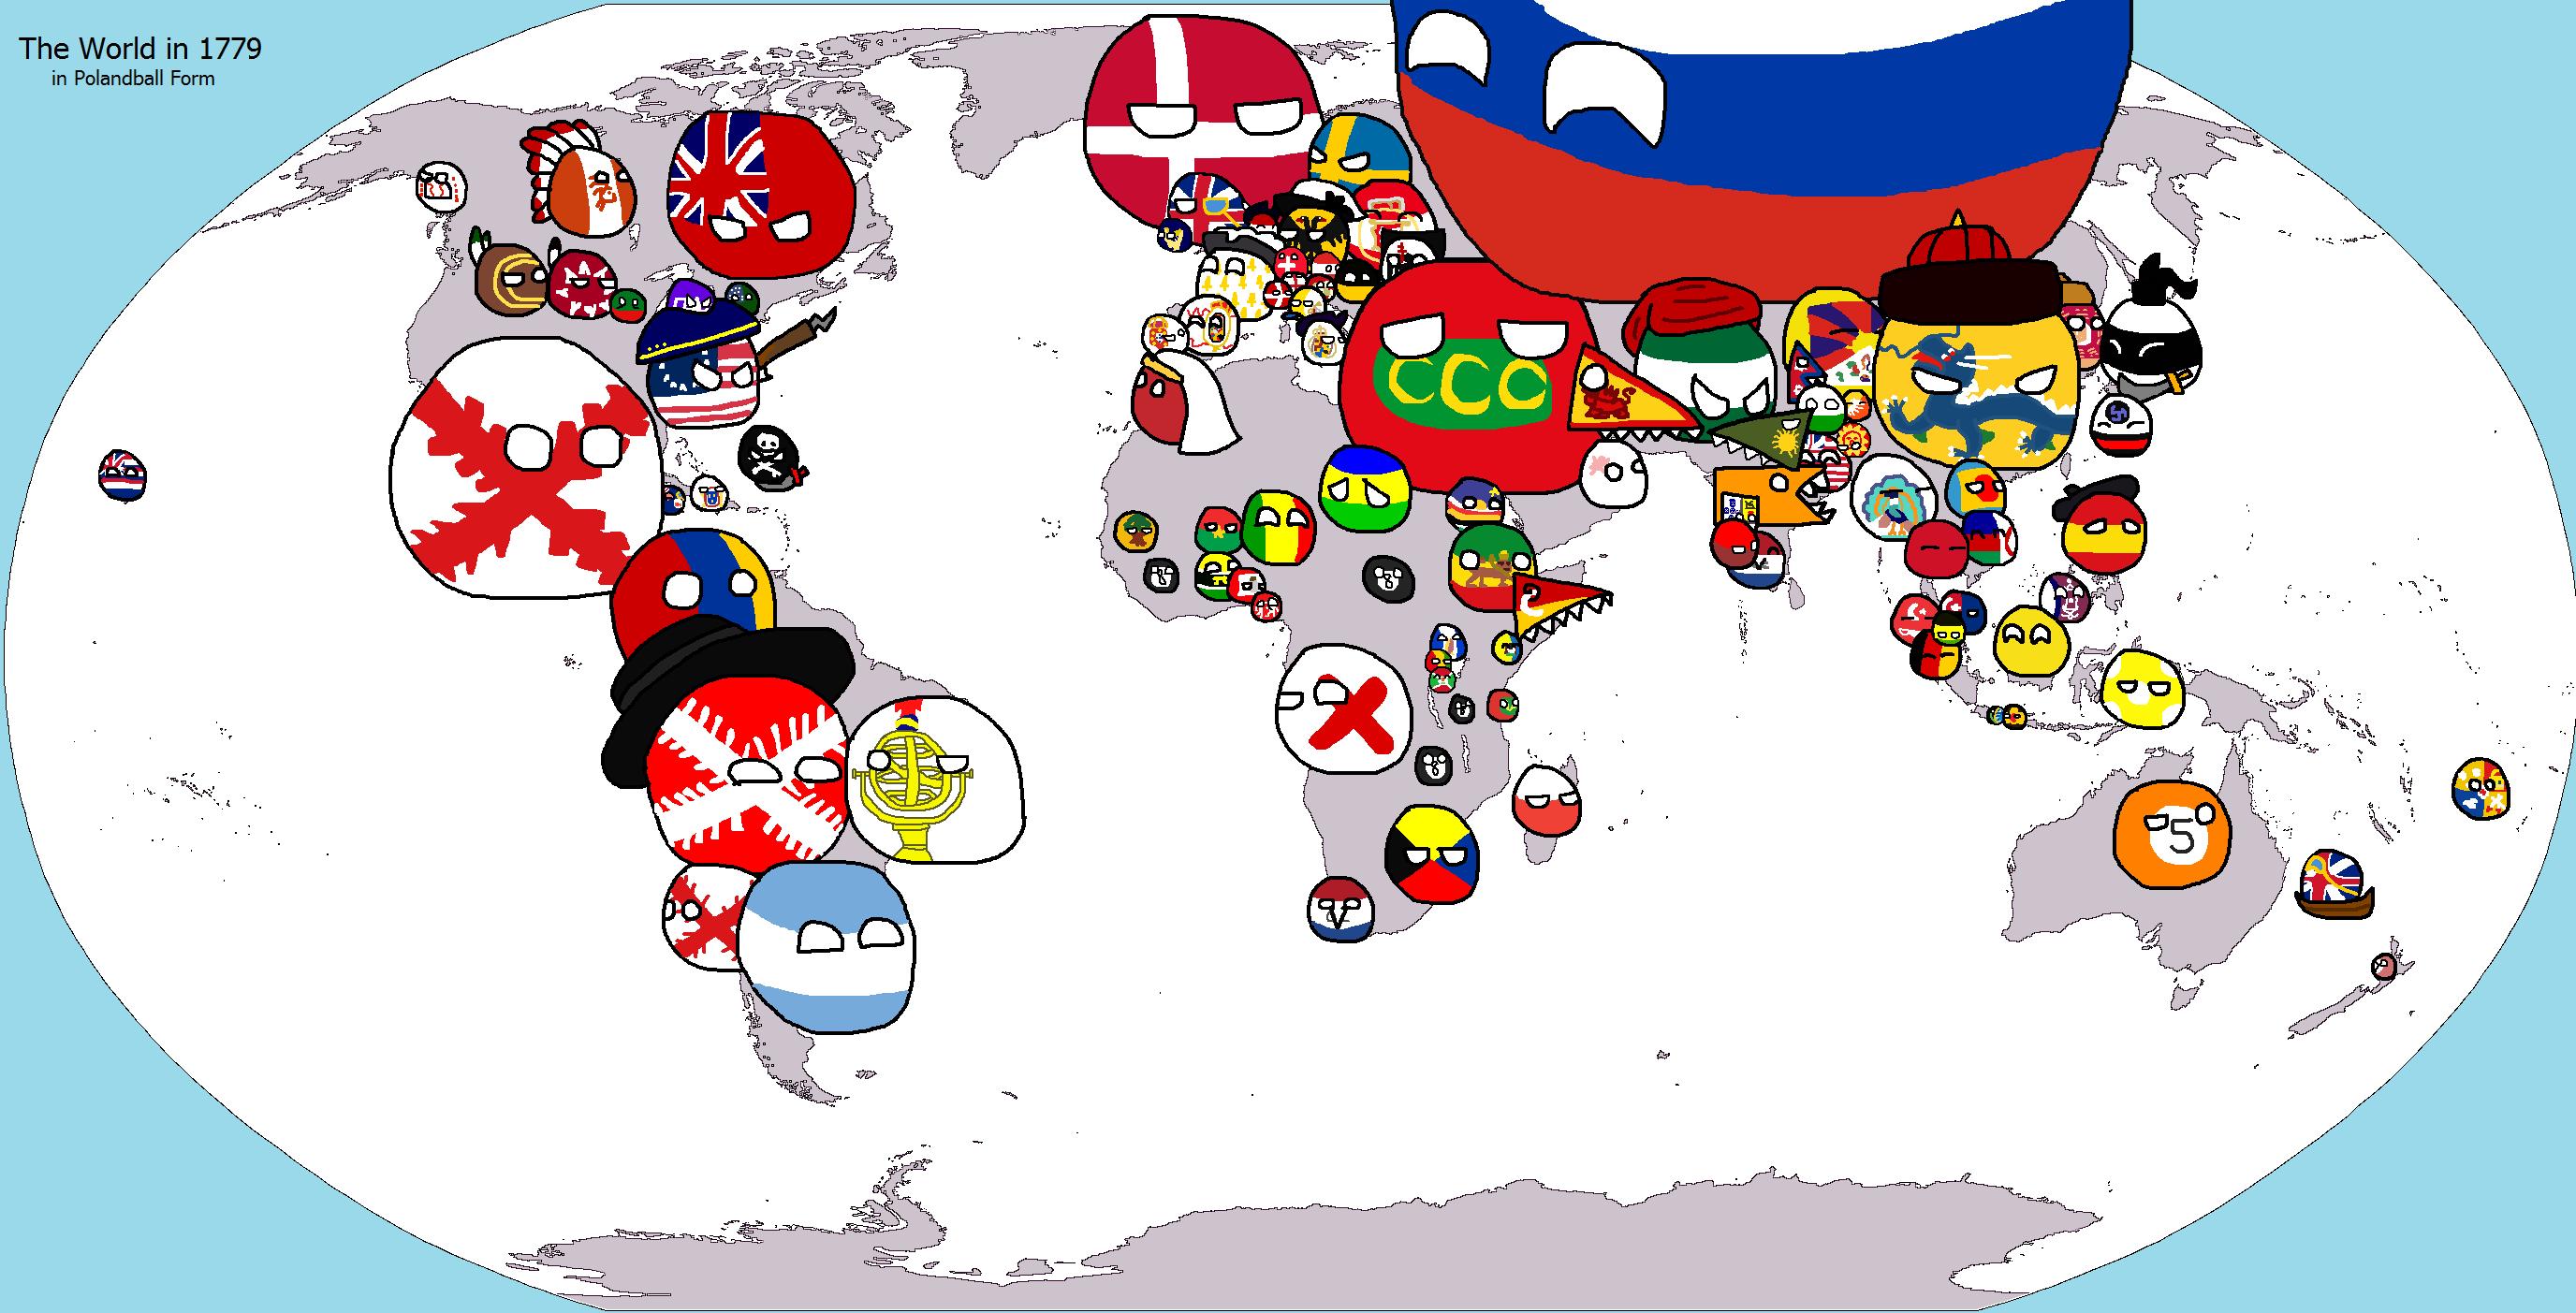 polandball world game